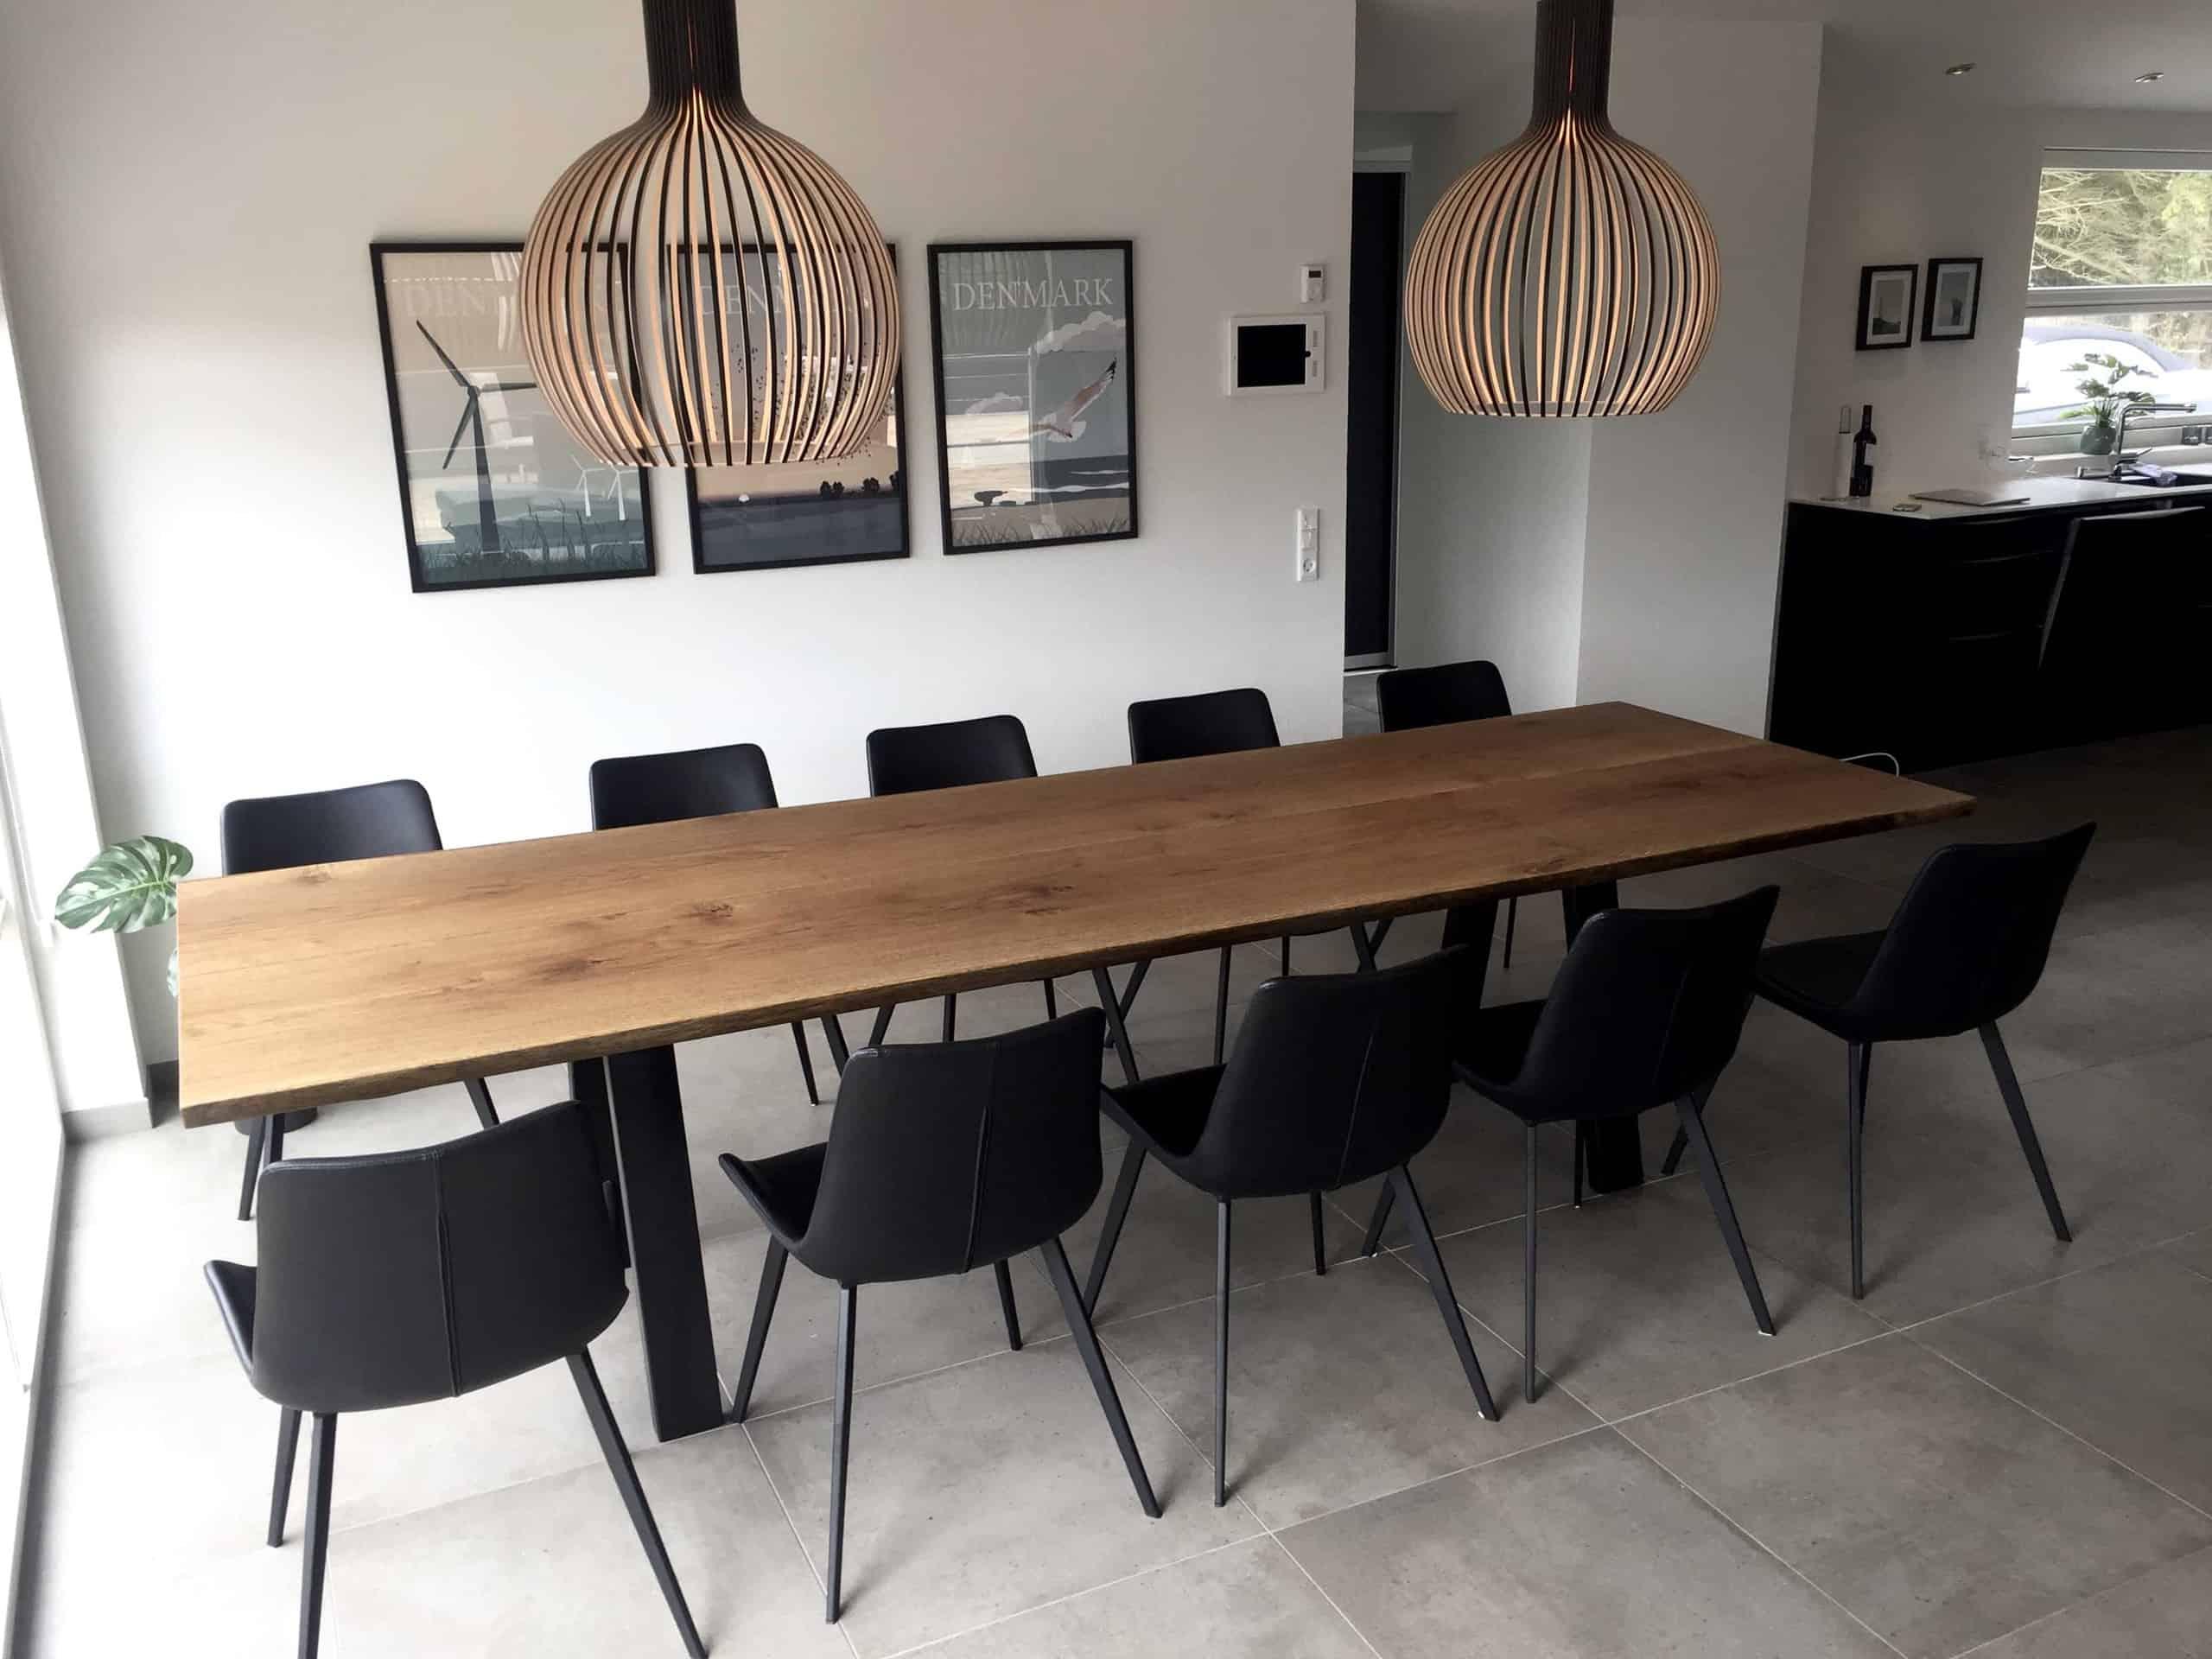 langt mørkt egetræsbord, som er perfekt til en større familie